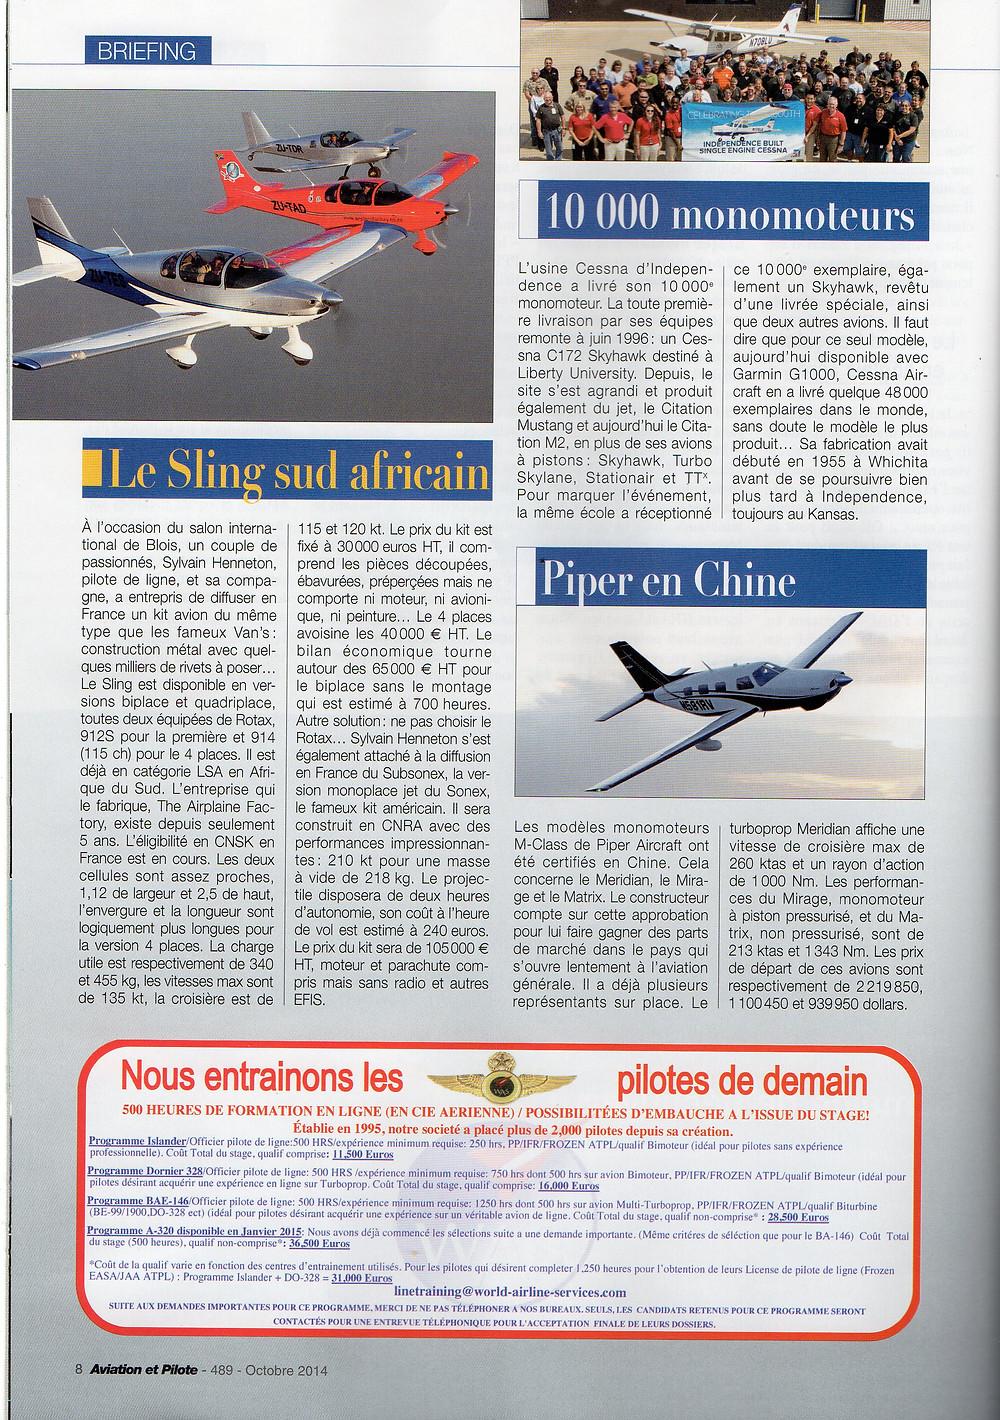 aviation & pilote octobre 2014002.jpg